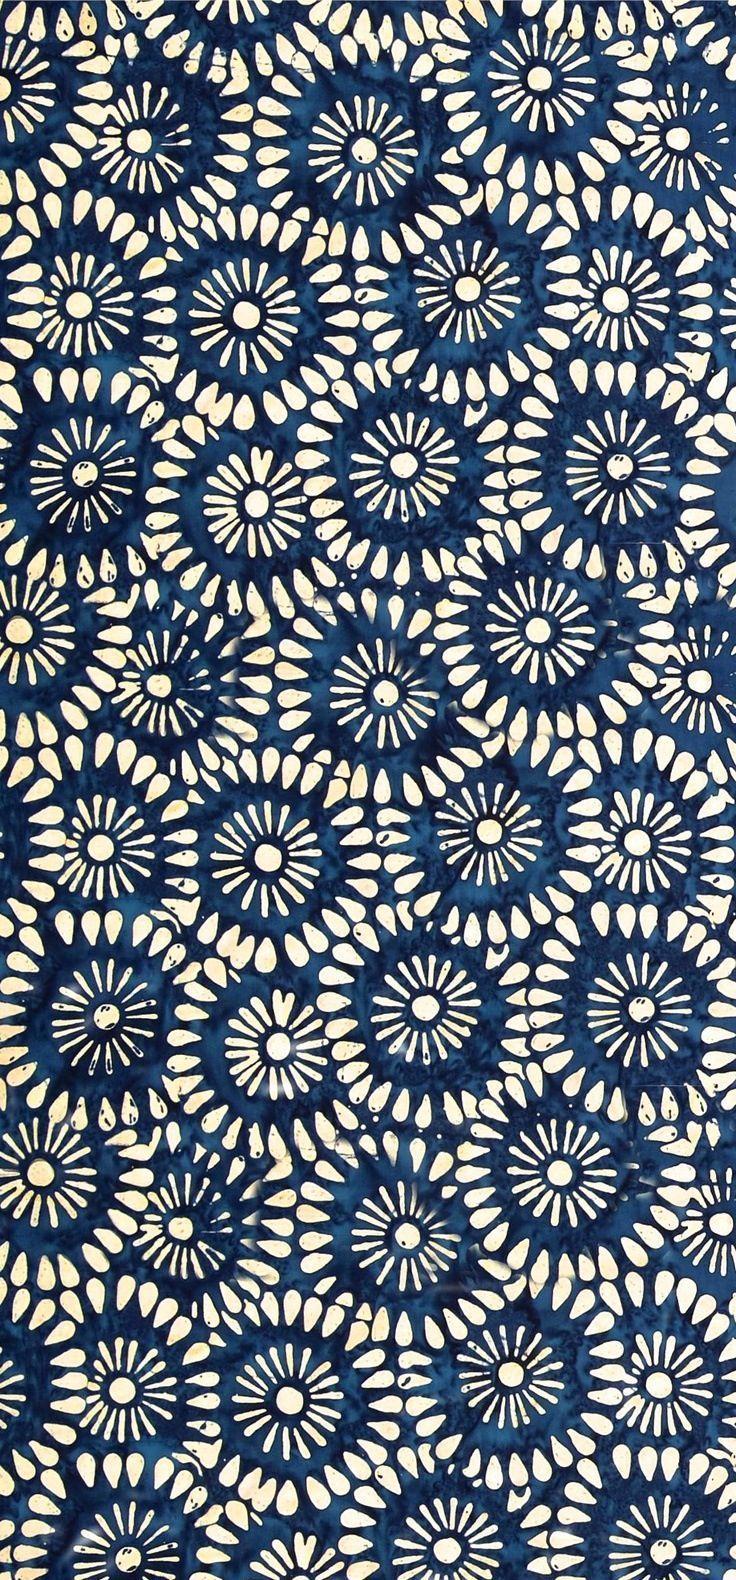 Anemones (cliquer sur image pour agrandir)